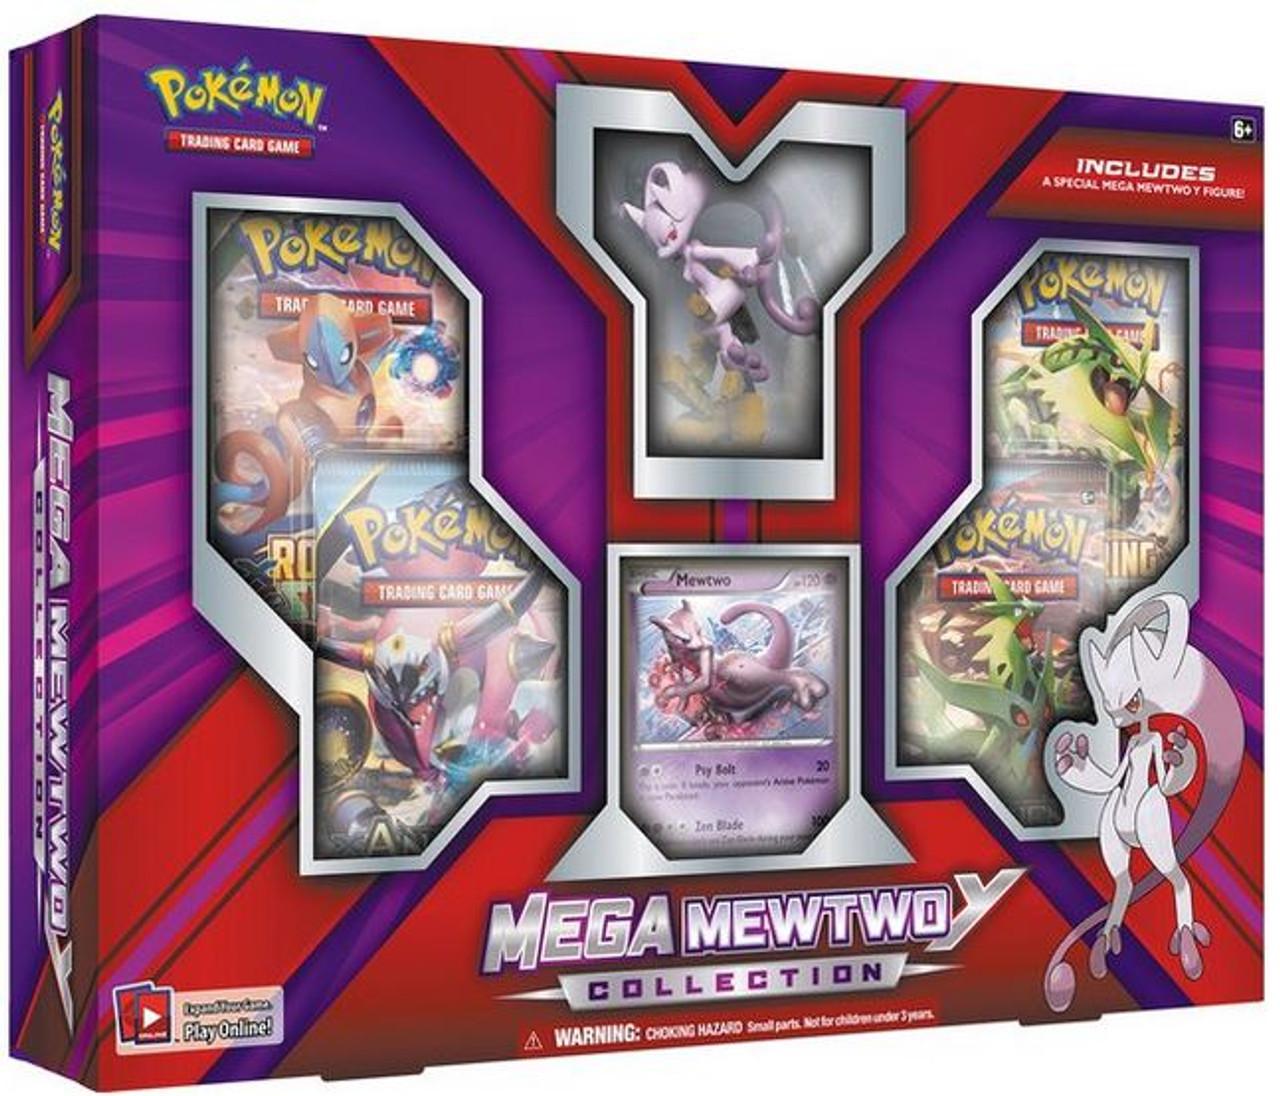 Pokemon Black /& White Trading Card Figure ~2 inches tall PVC MewTwo